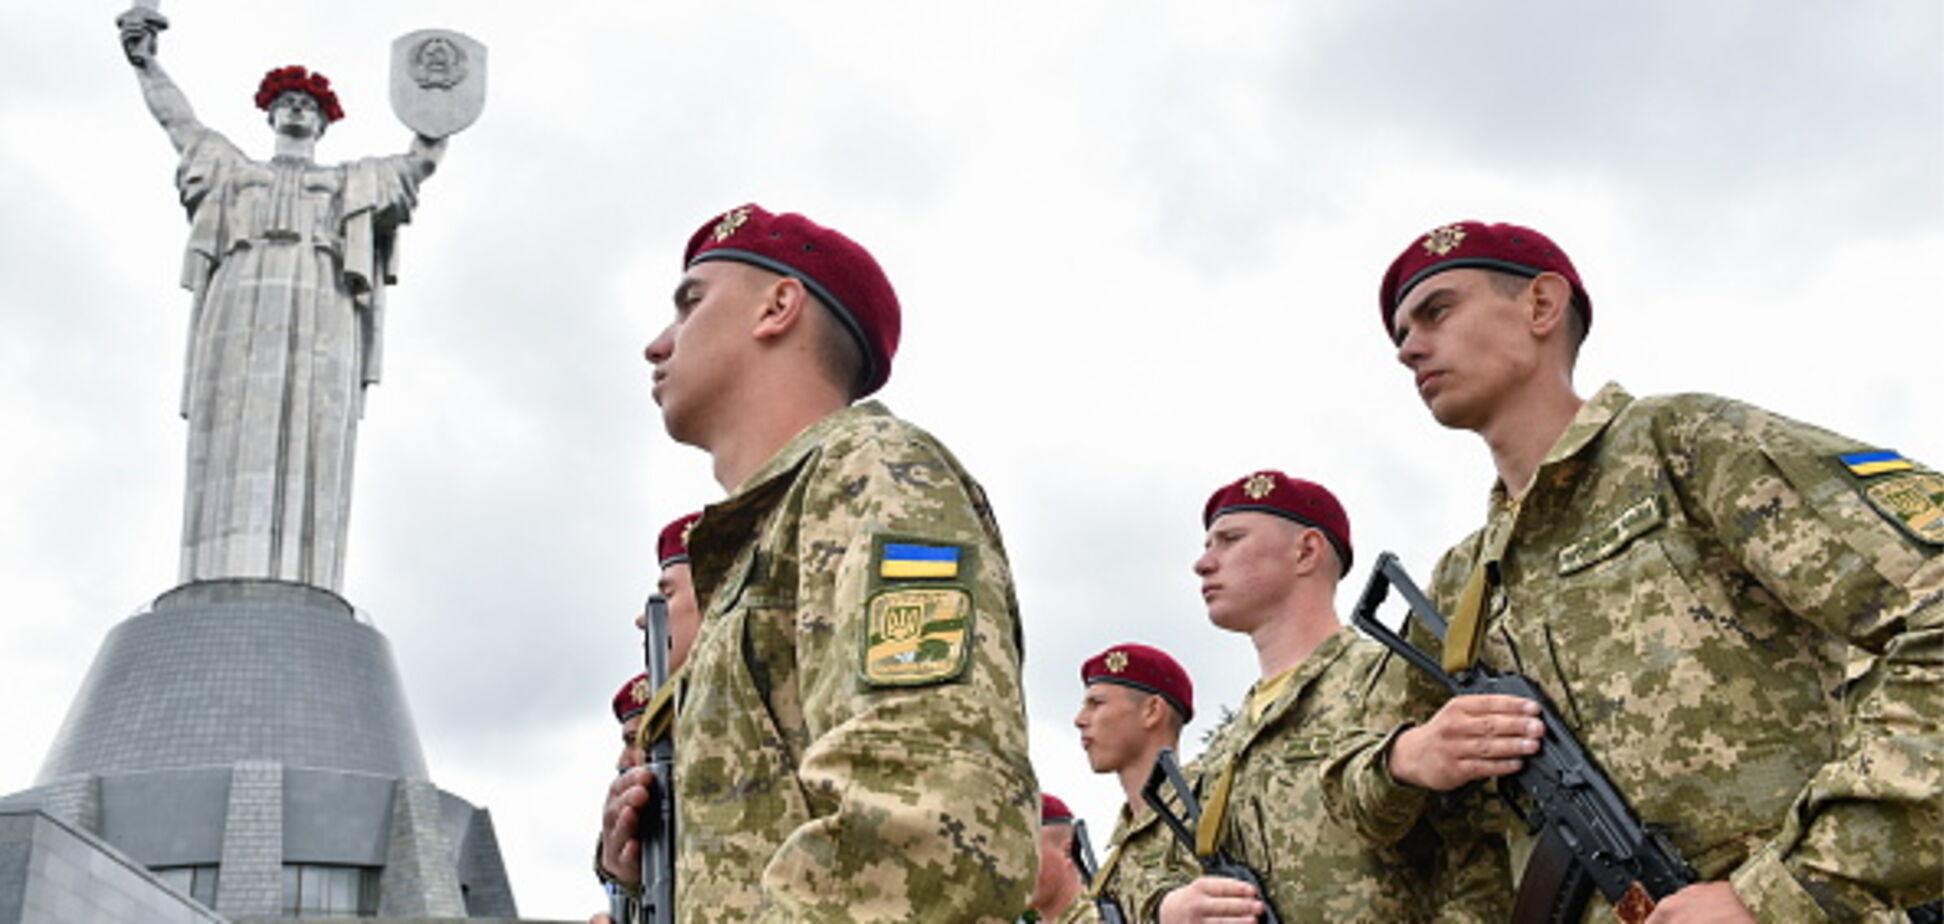 Вдарити по Росії: в Україні назвали рецепт повернення Донбасу і Криму